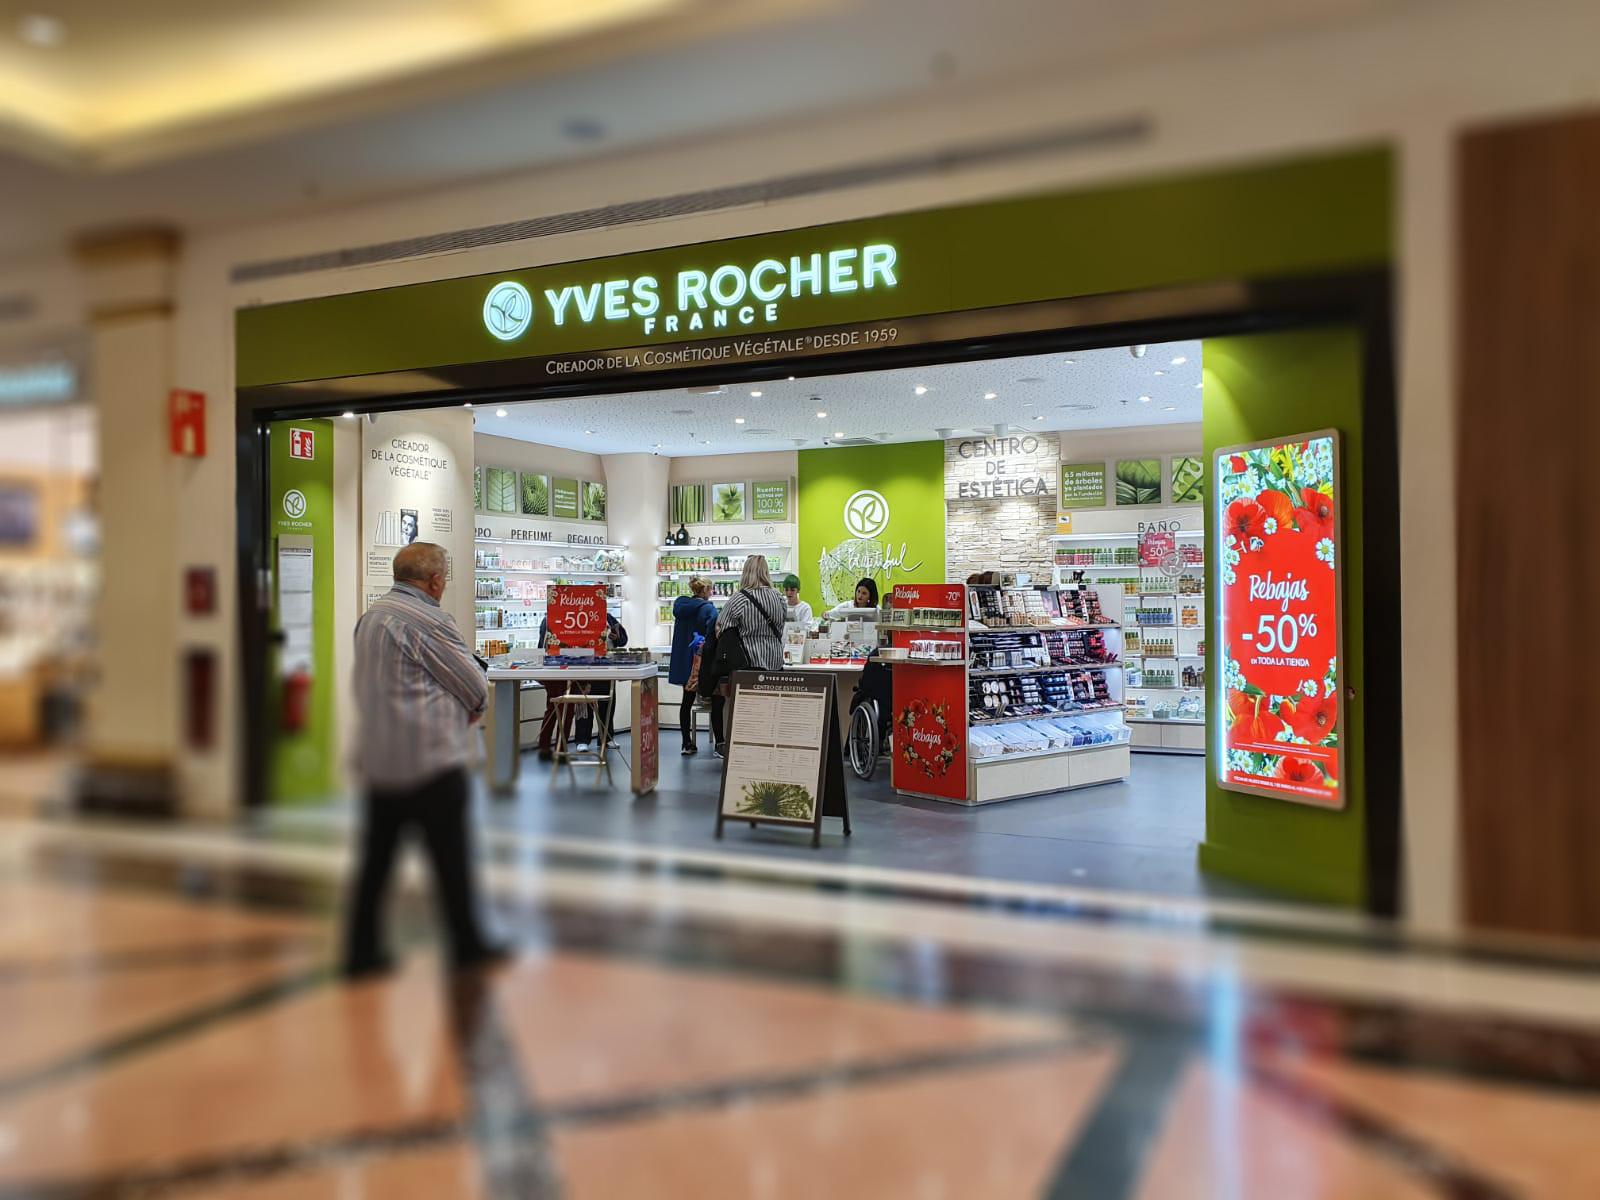 Centro Comercial Yves Rocher